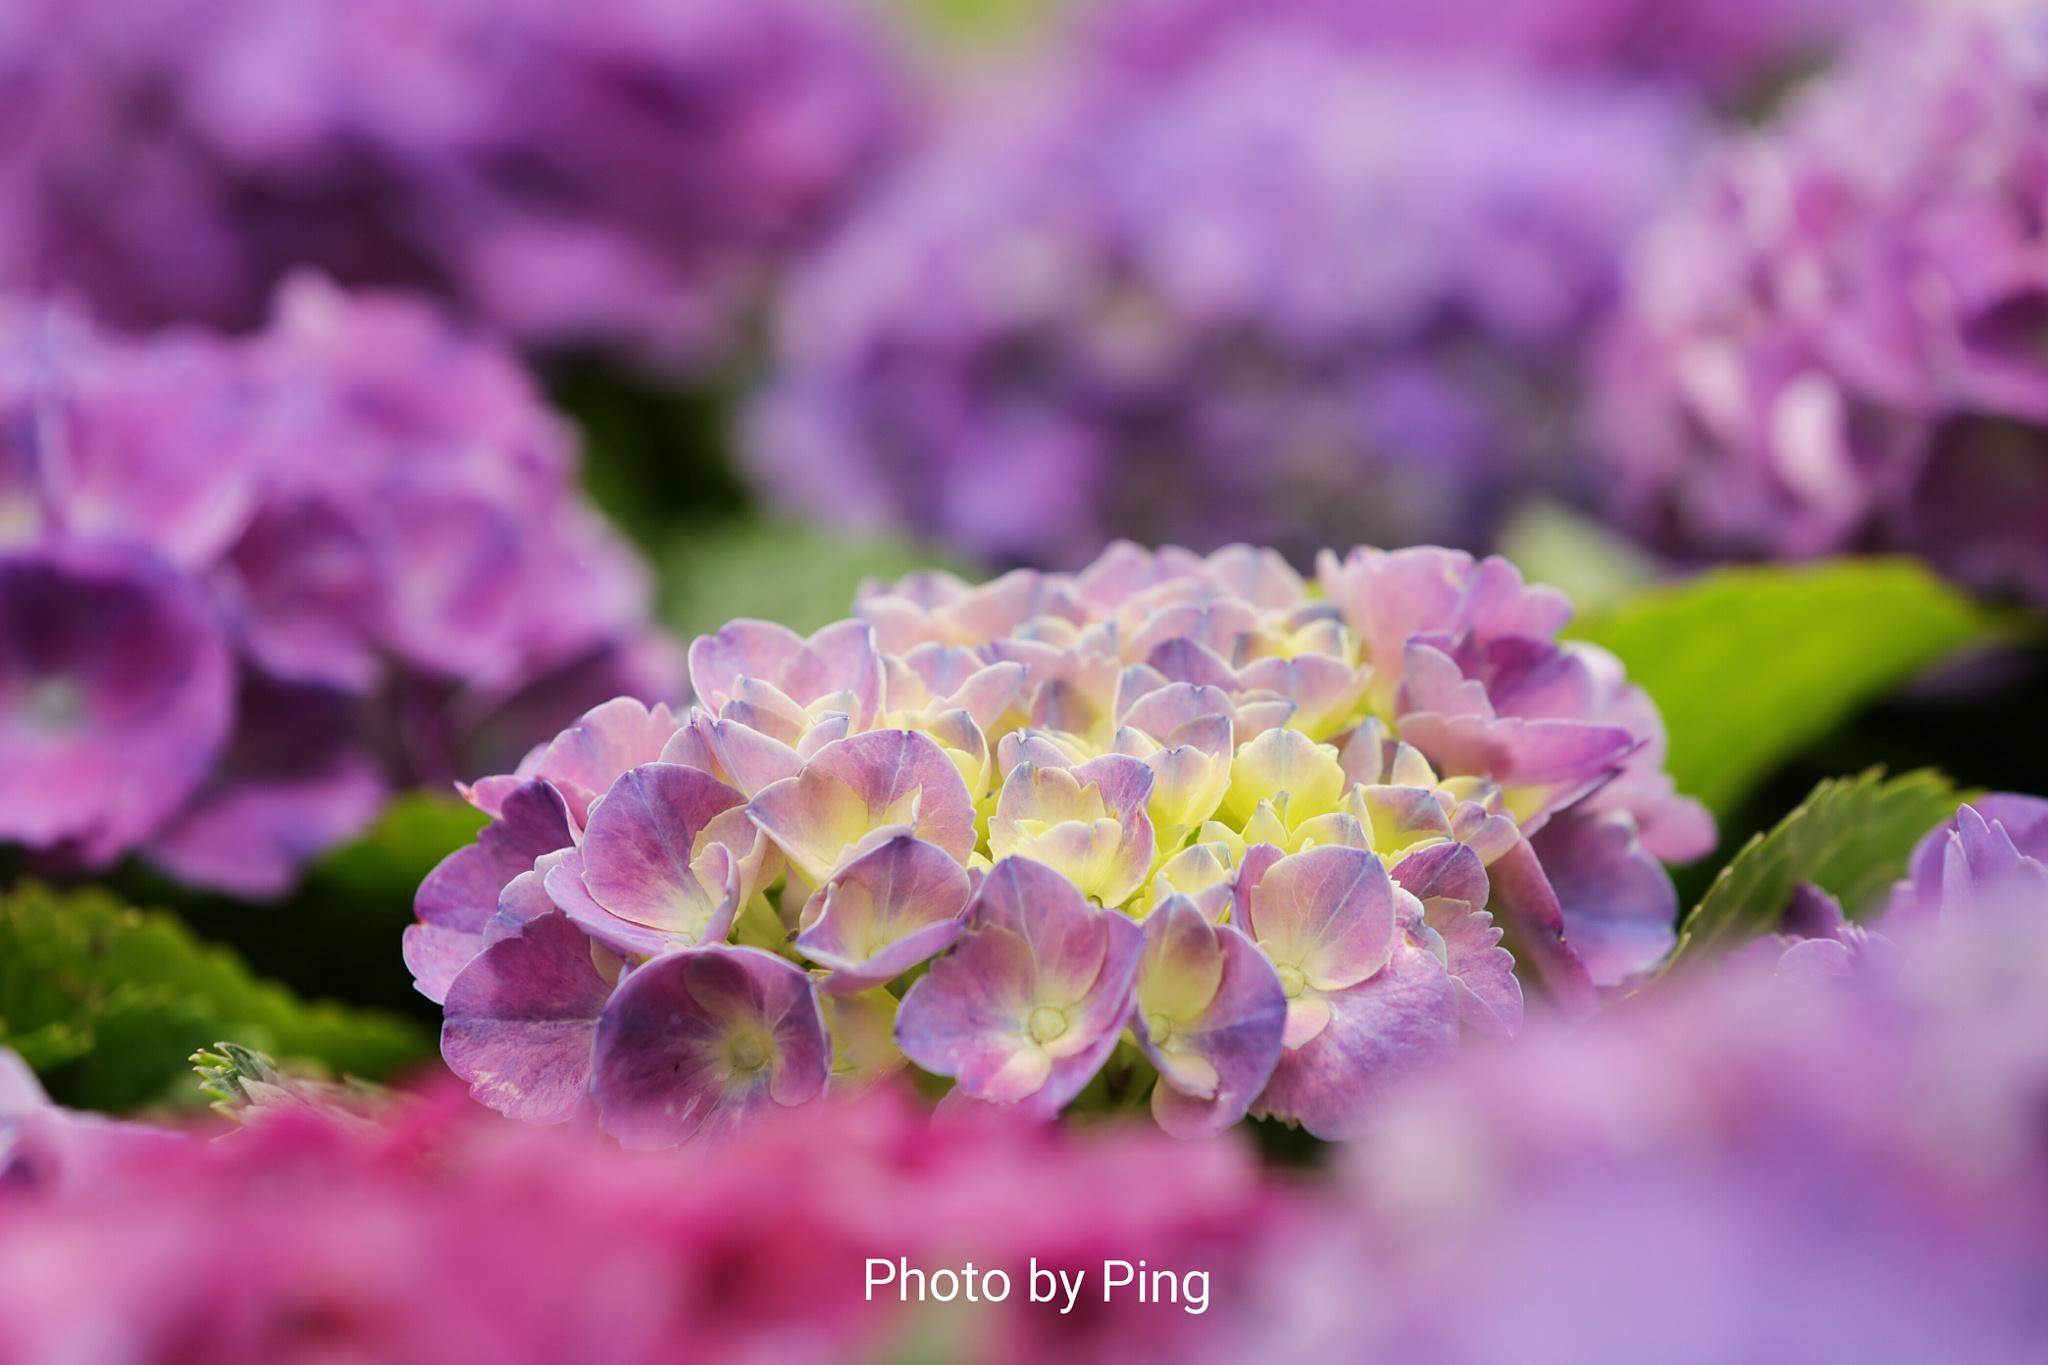 美麗粉紫色 by Ping Lau